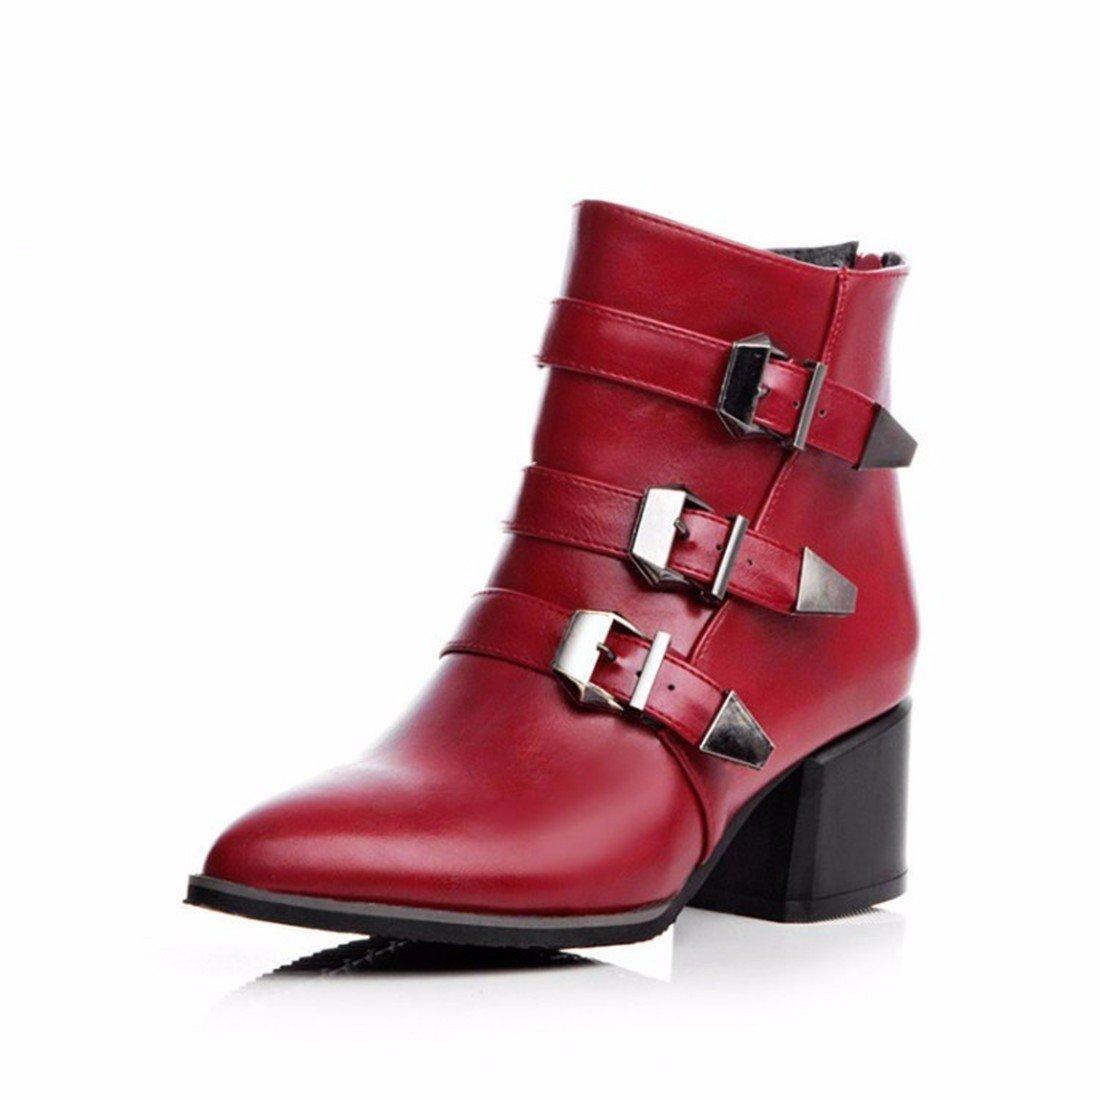 Nuestra marea de invierno botines botas botas de hebilla tamaño.,gules,35 US5.5 / EU36 / UK3.5 / CN35